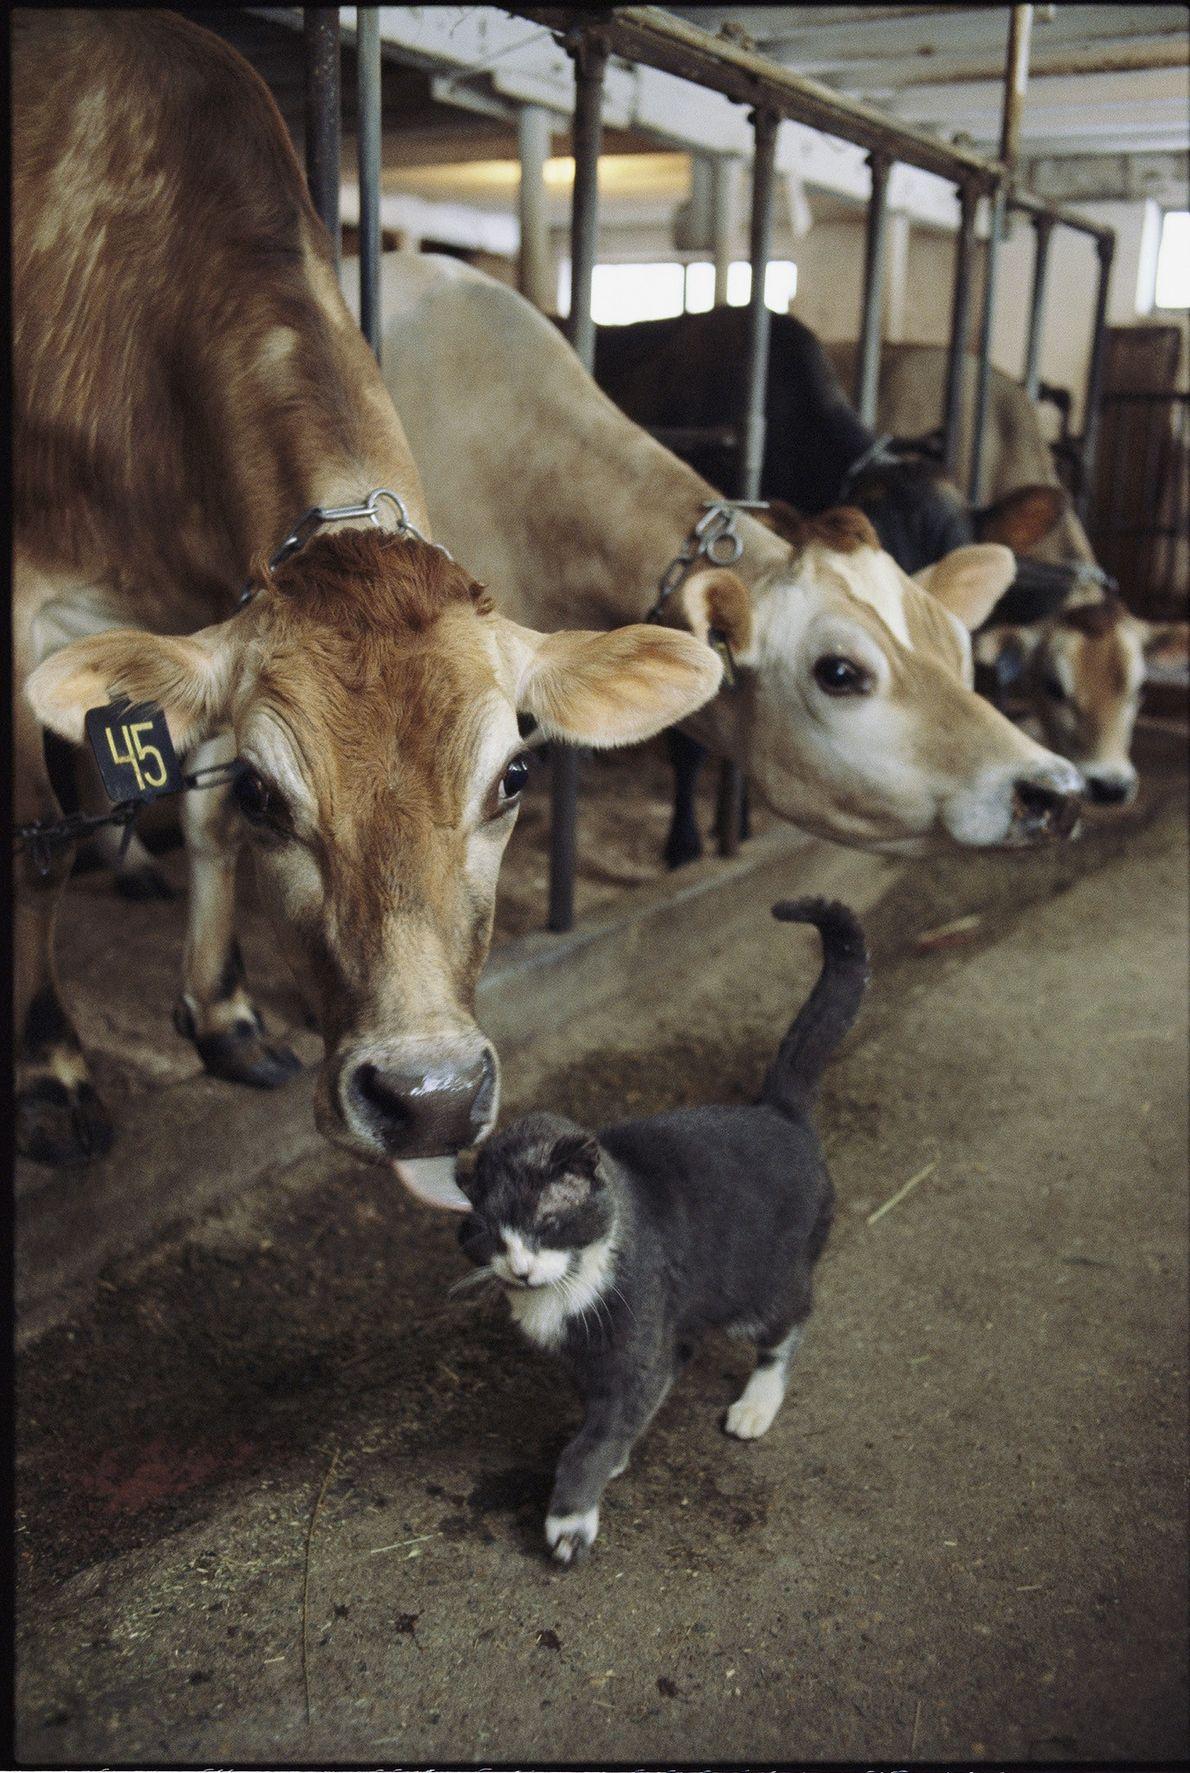 Una vaca le da un beso a un gatito